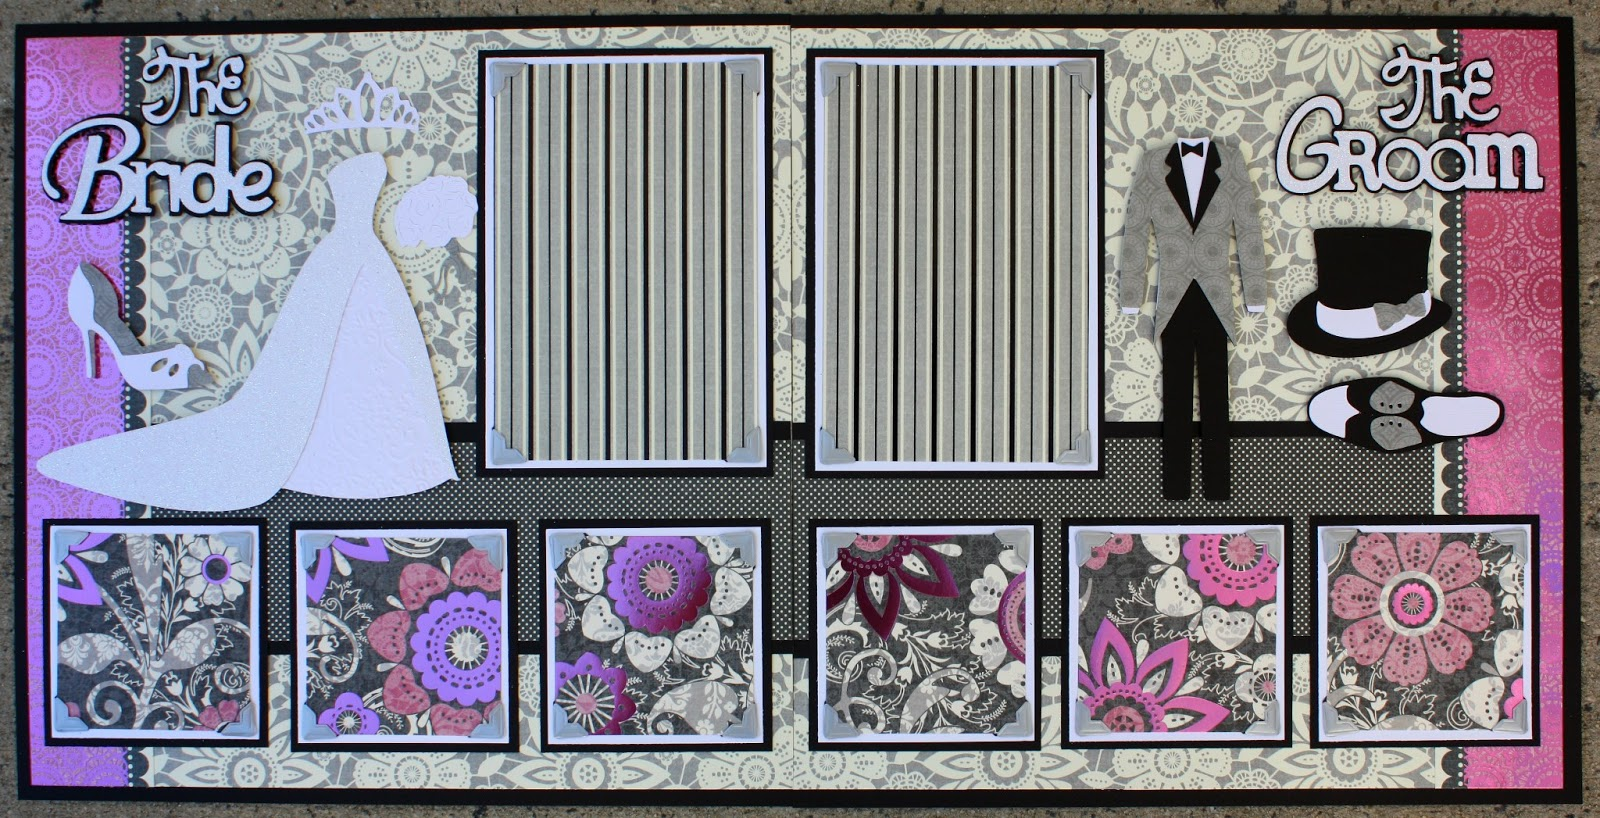 12x12 wedding scrapbook paper - Complete Wedding Album Series Bride And Groom 12x12 Double Scrapbook Layout